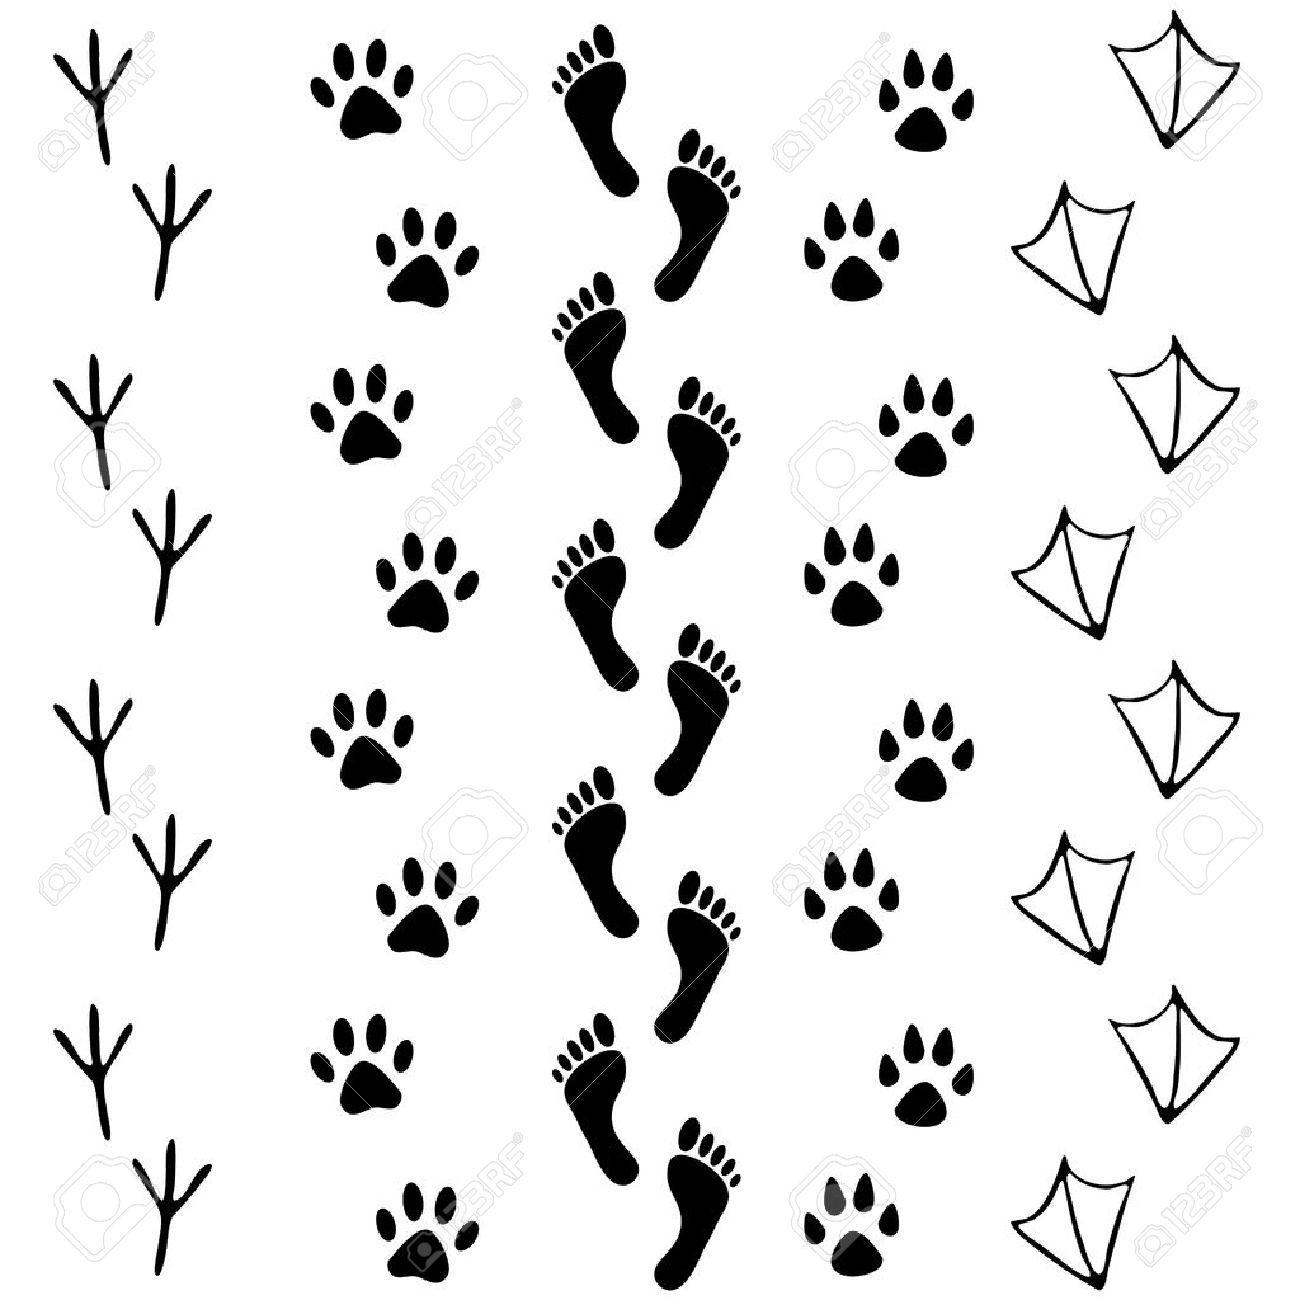 人間、動物、鳥の足跡アイコンのベクトルを設定します。裸の人間の